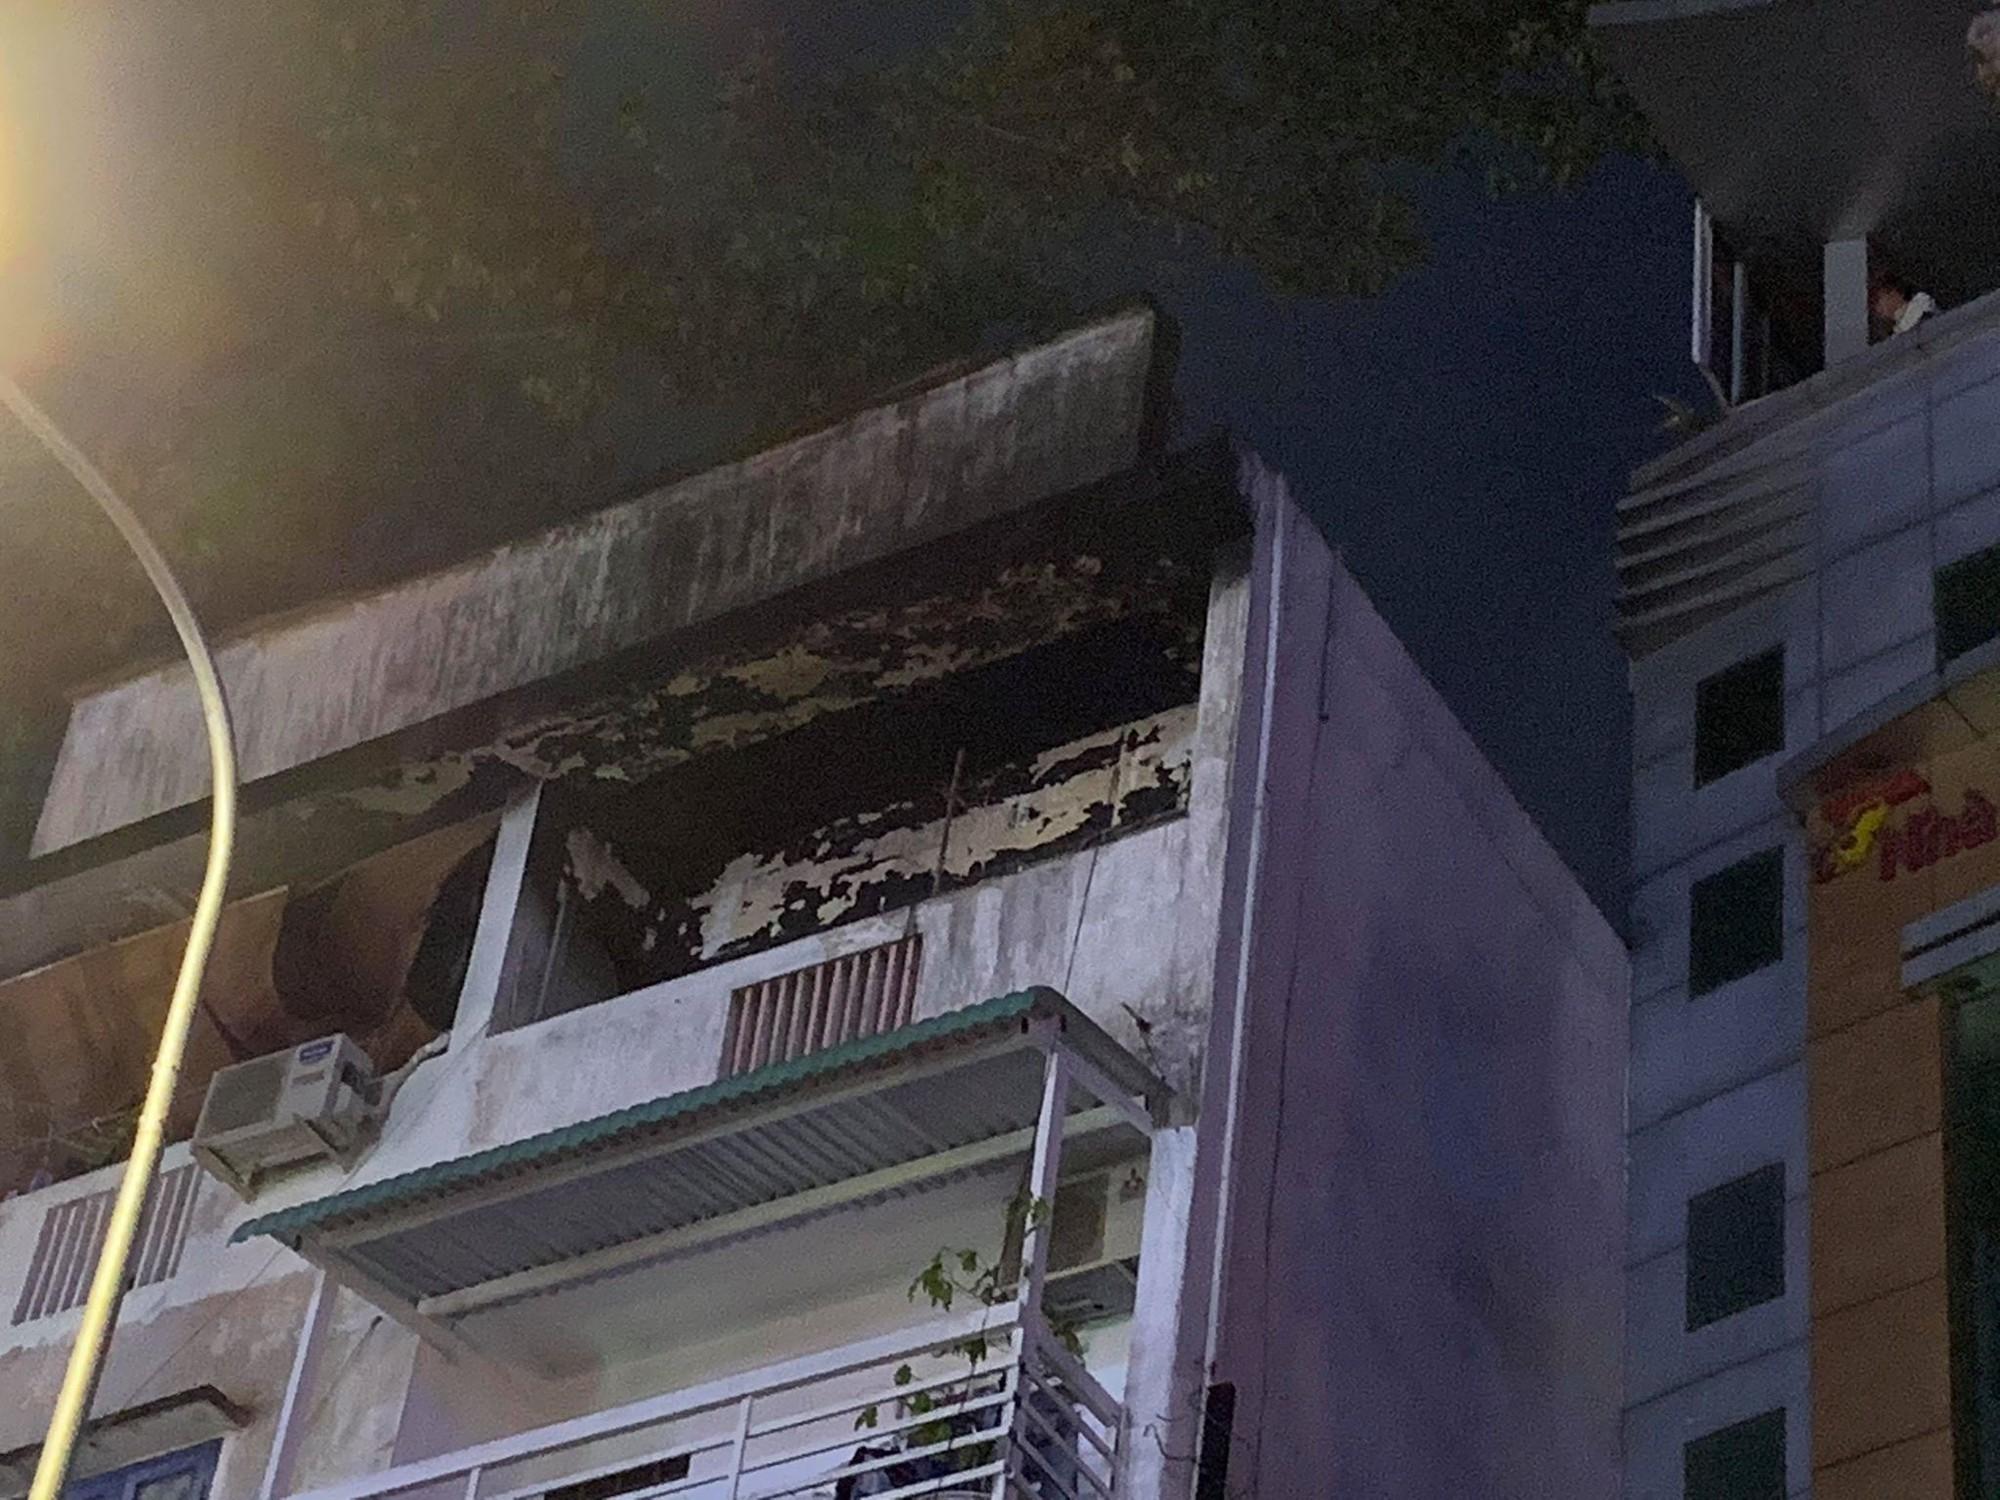 Cảnh sát PCCC giải cứu thành công 3 đứa trẻ trong căn nhà bốc cháy dữ dội ở Sài Gòn - Ảnh 2.